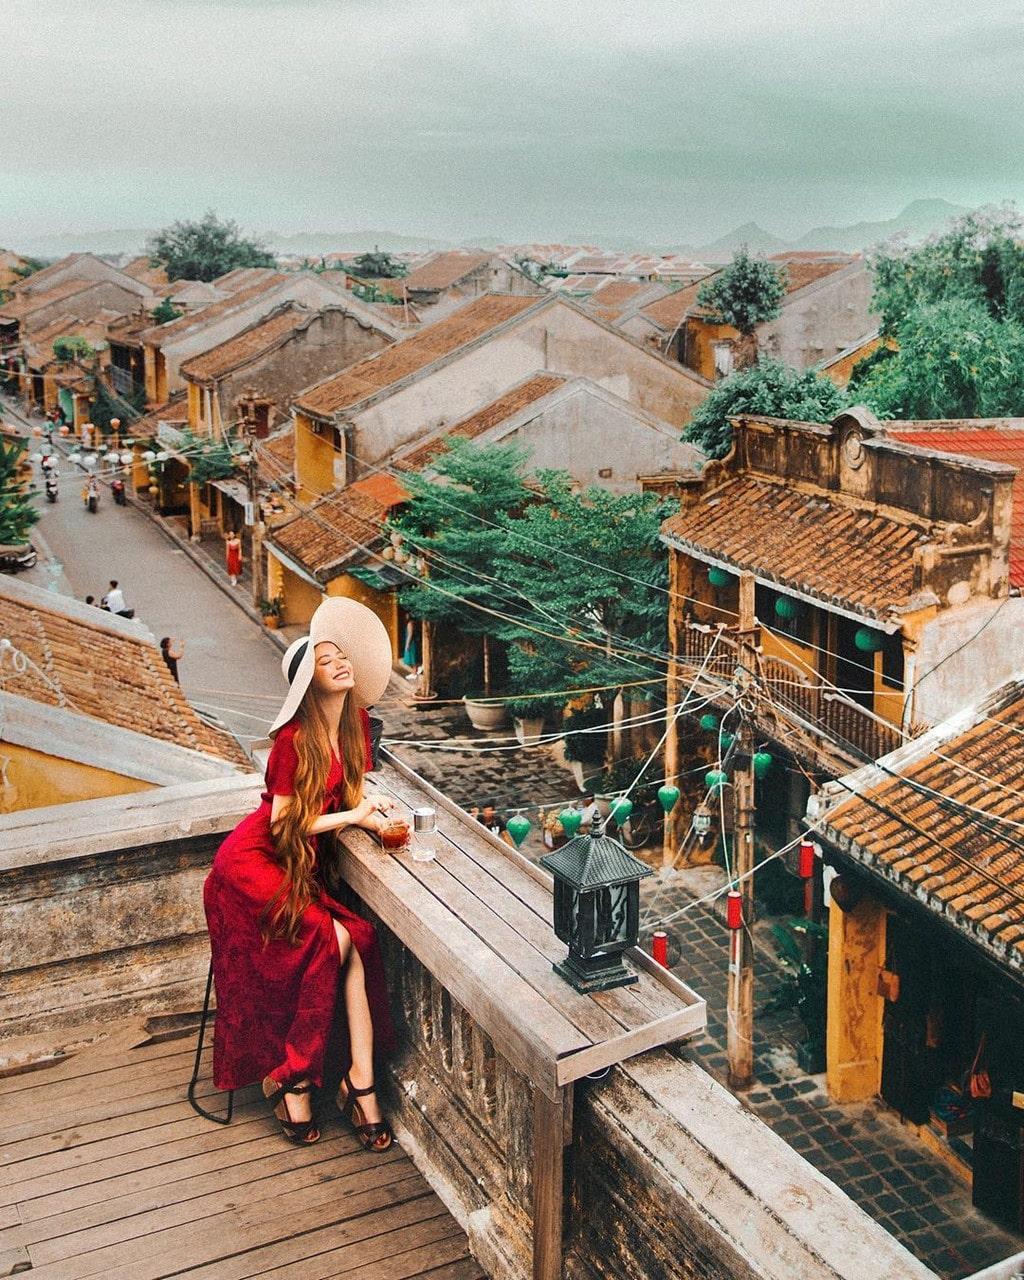 Kinh nghiệm đi du lịch Đà Nẵng Hội An 2